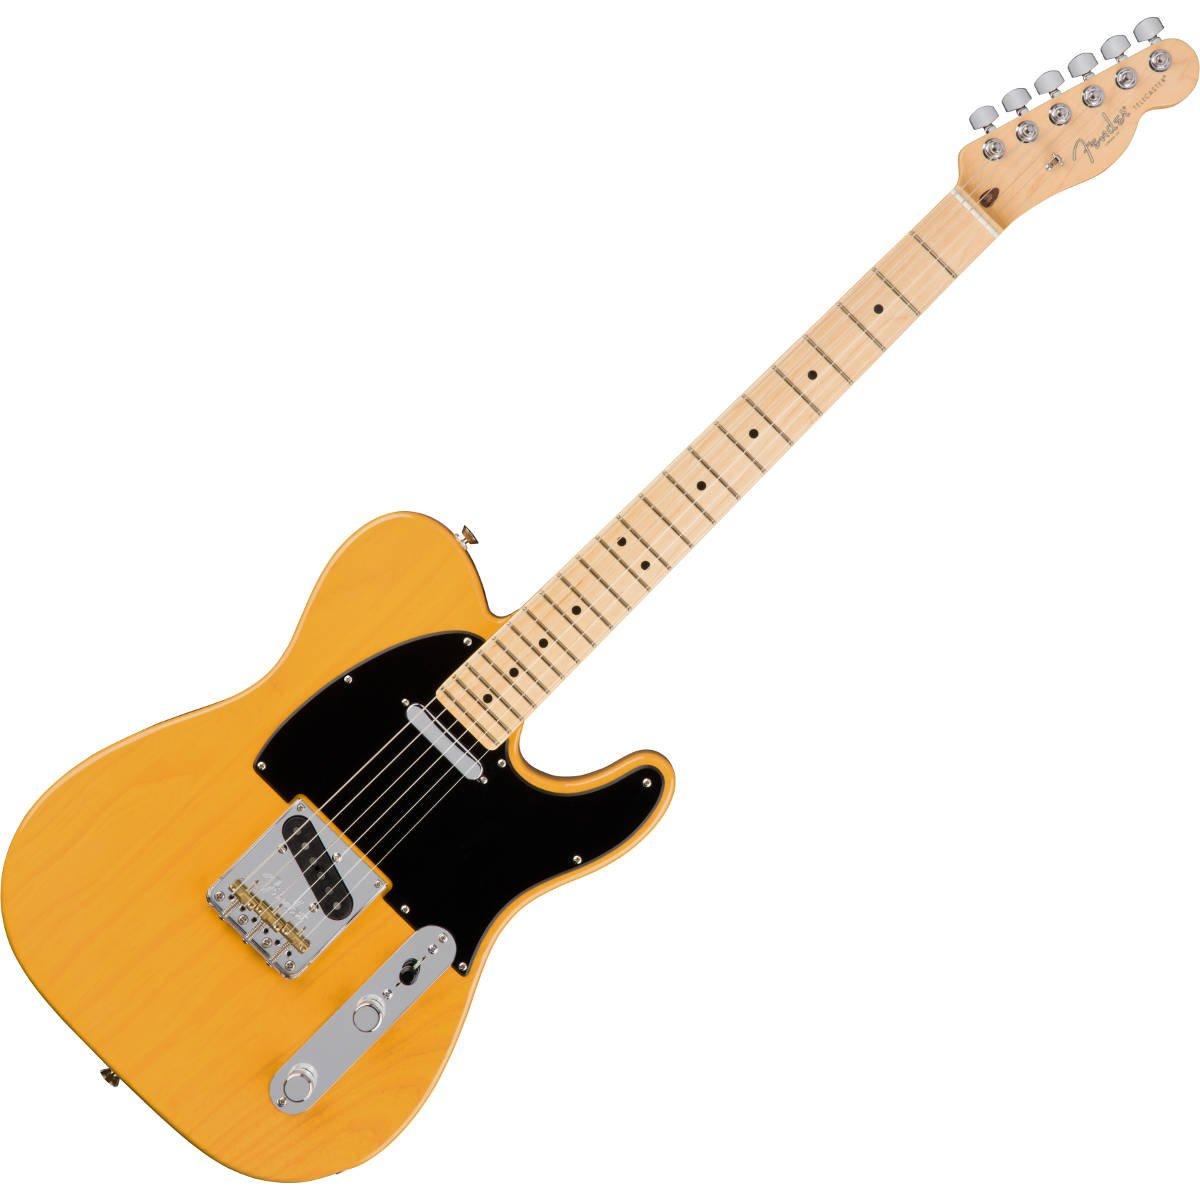 fender american pro telecaster maple fingerboard butterscotch blonde vintage modern guitars. Black Bedroom Furniture Sets. Home Design Ideas